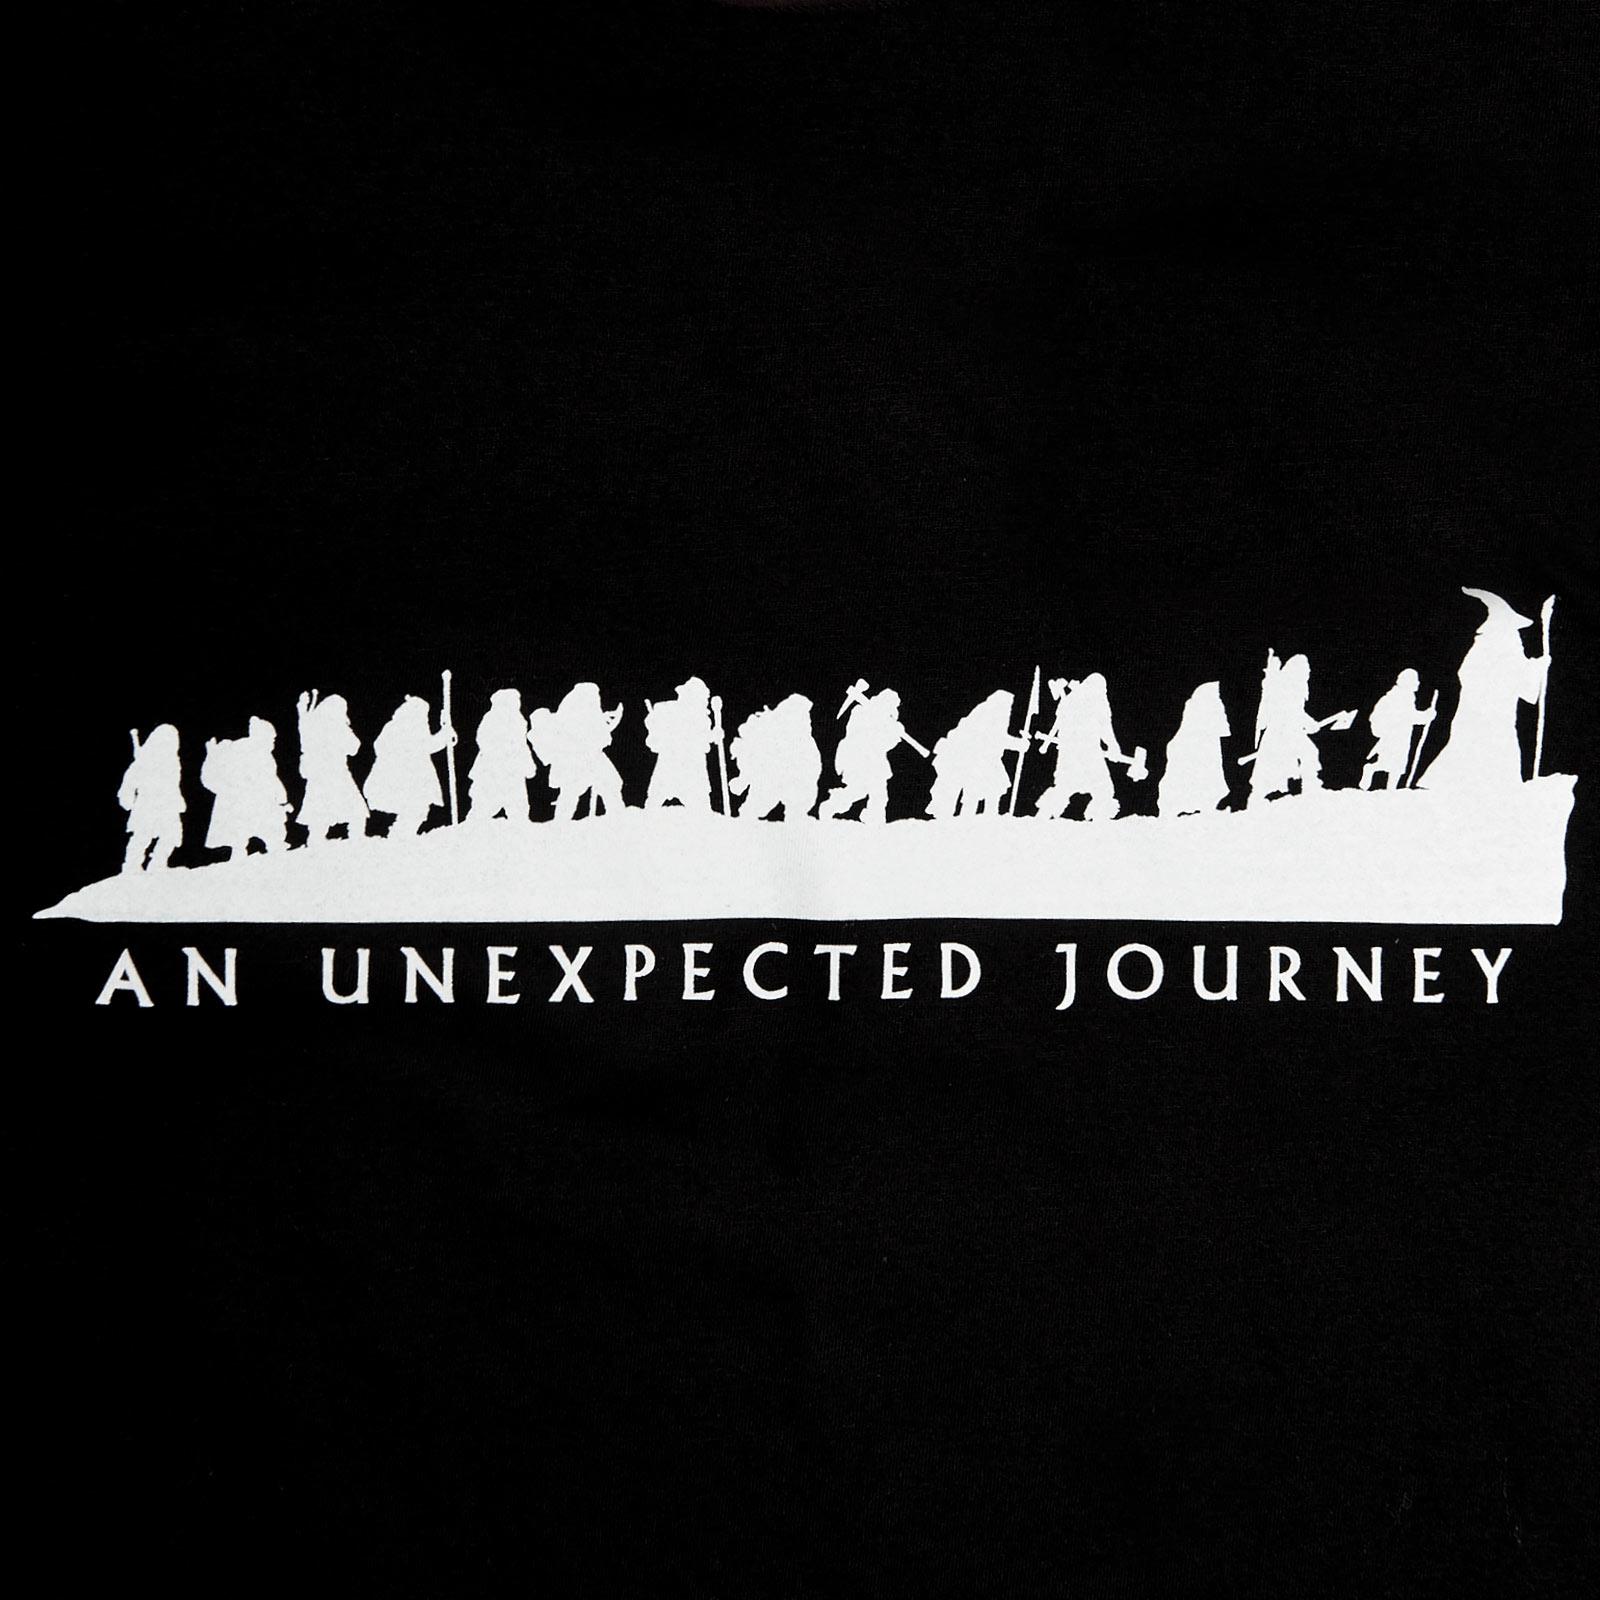 Hobbit T-Shirt - An Unexpected Journey